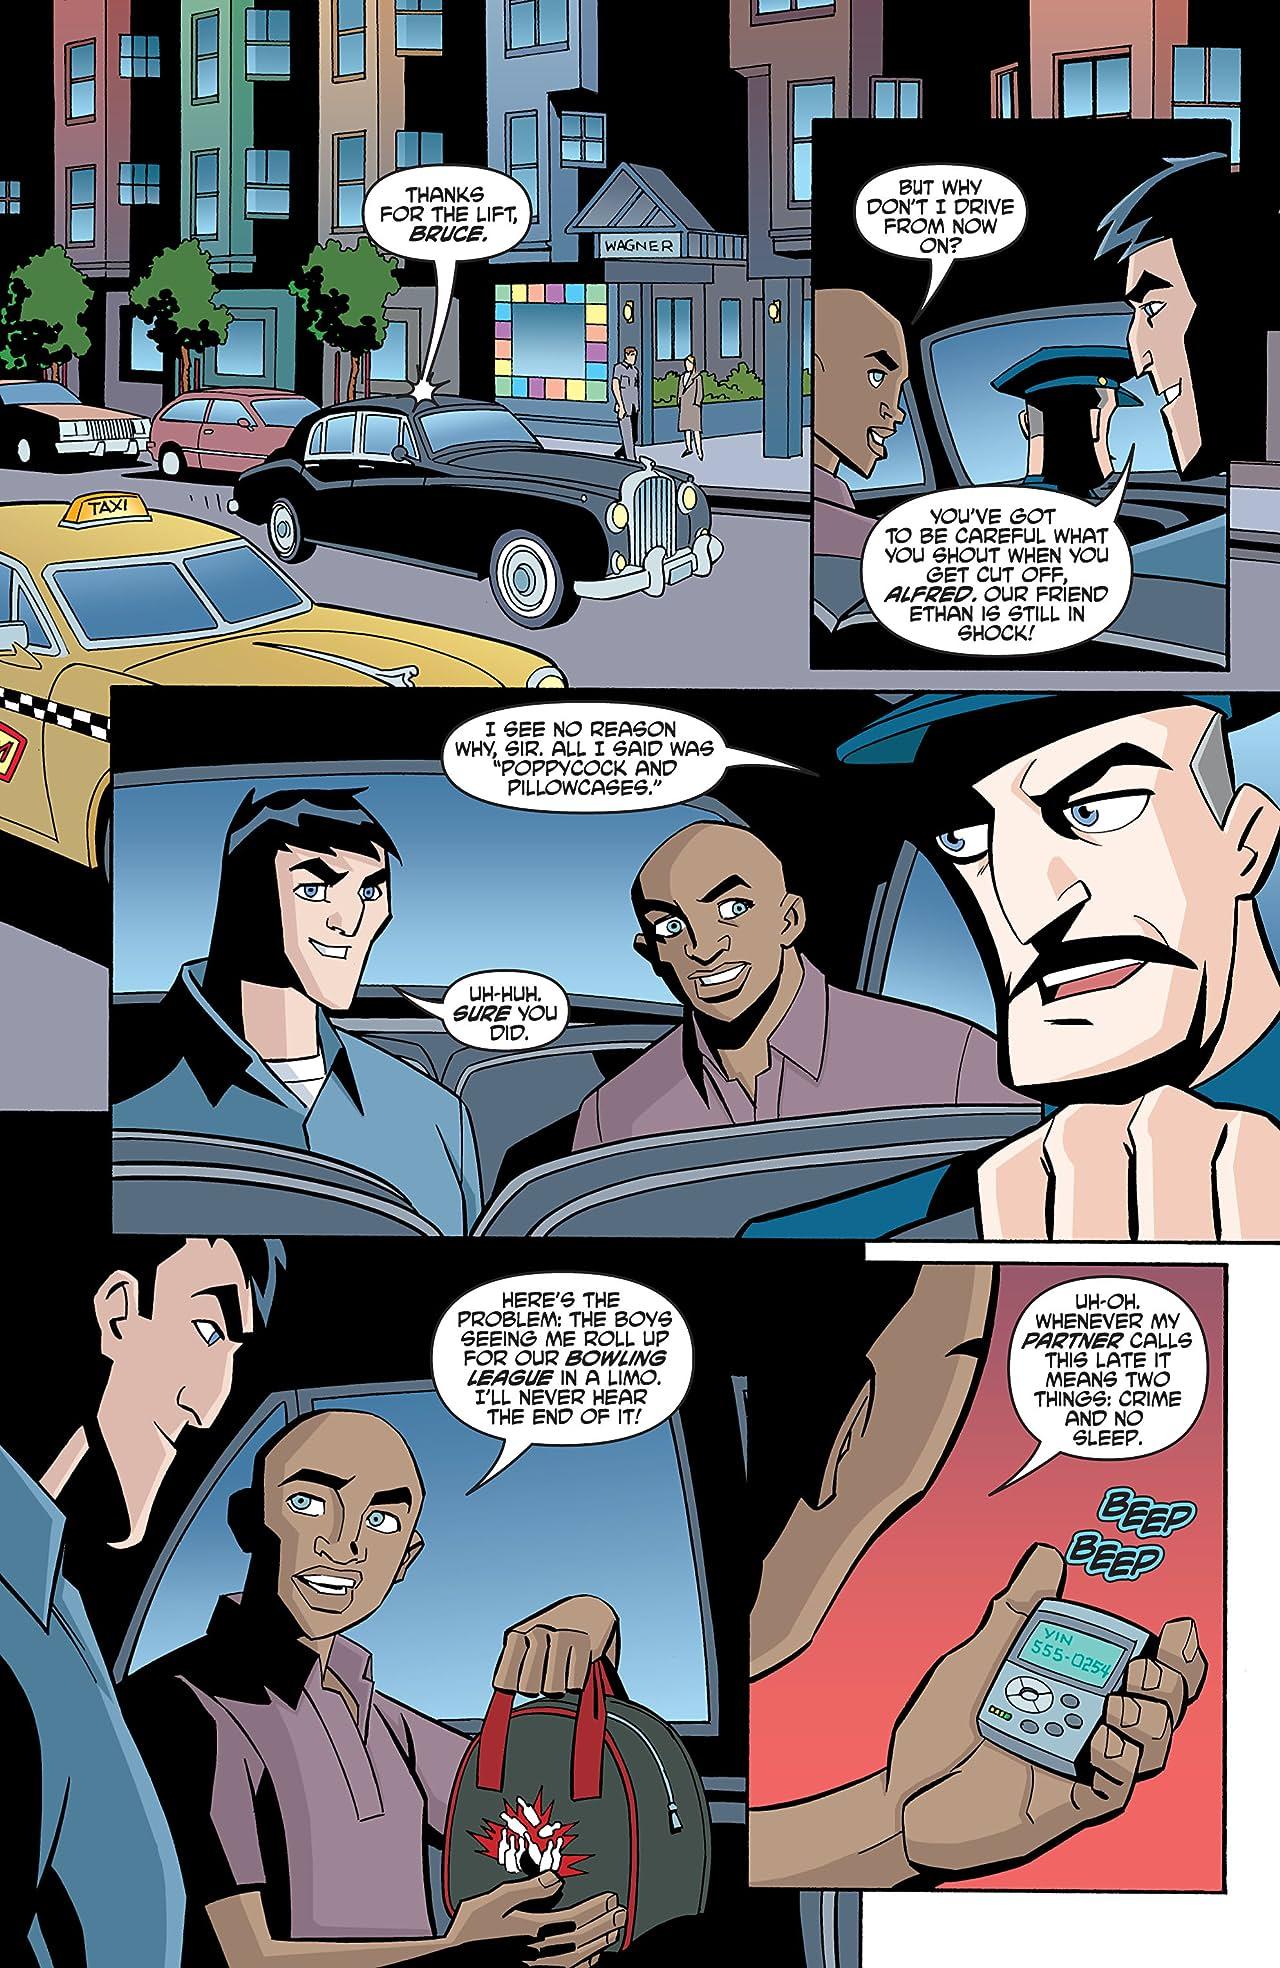 The Batman Strikes! #7